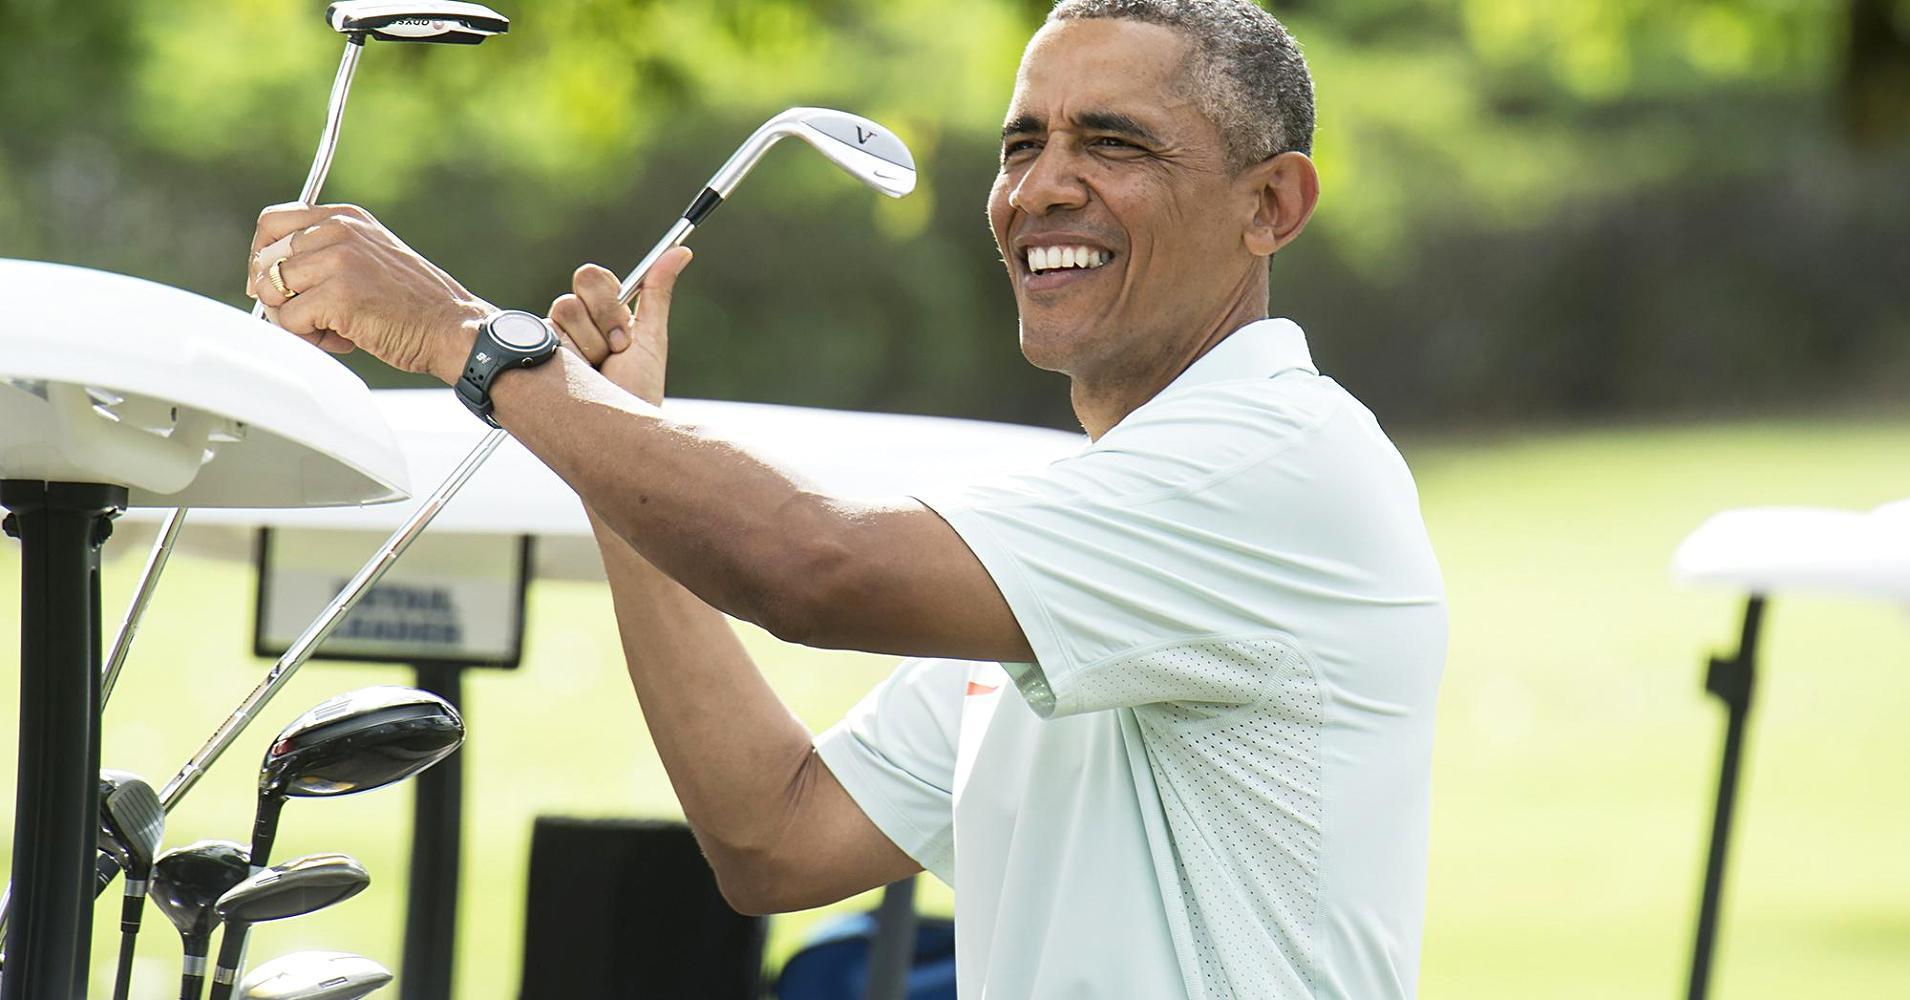 از اوباما تا چرچیل ، روز را چگونه آغاز می کنند؟